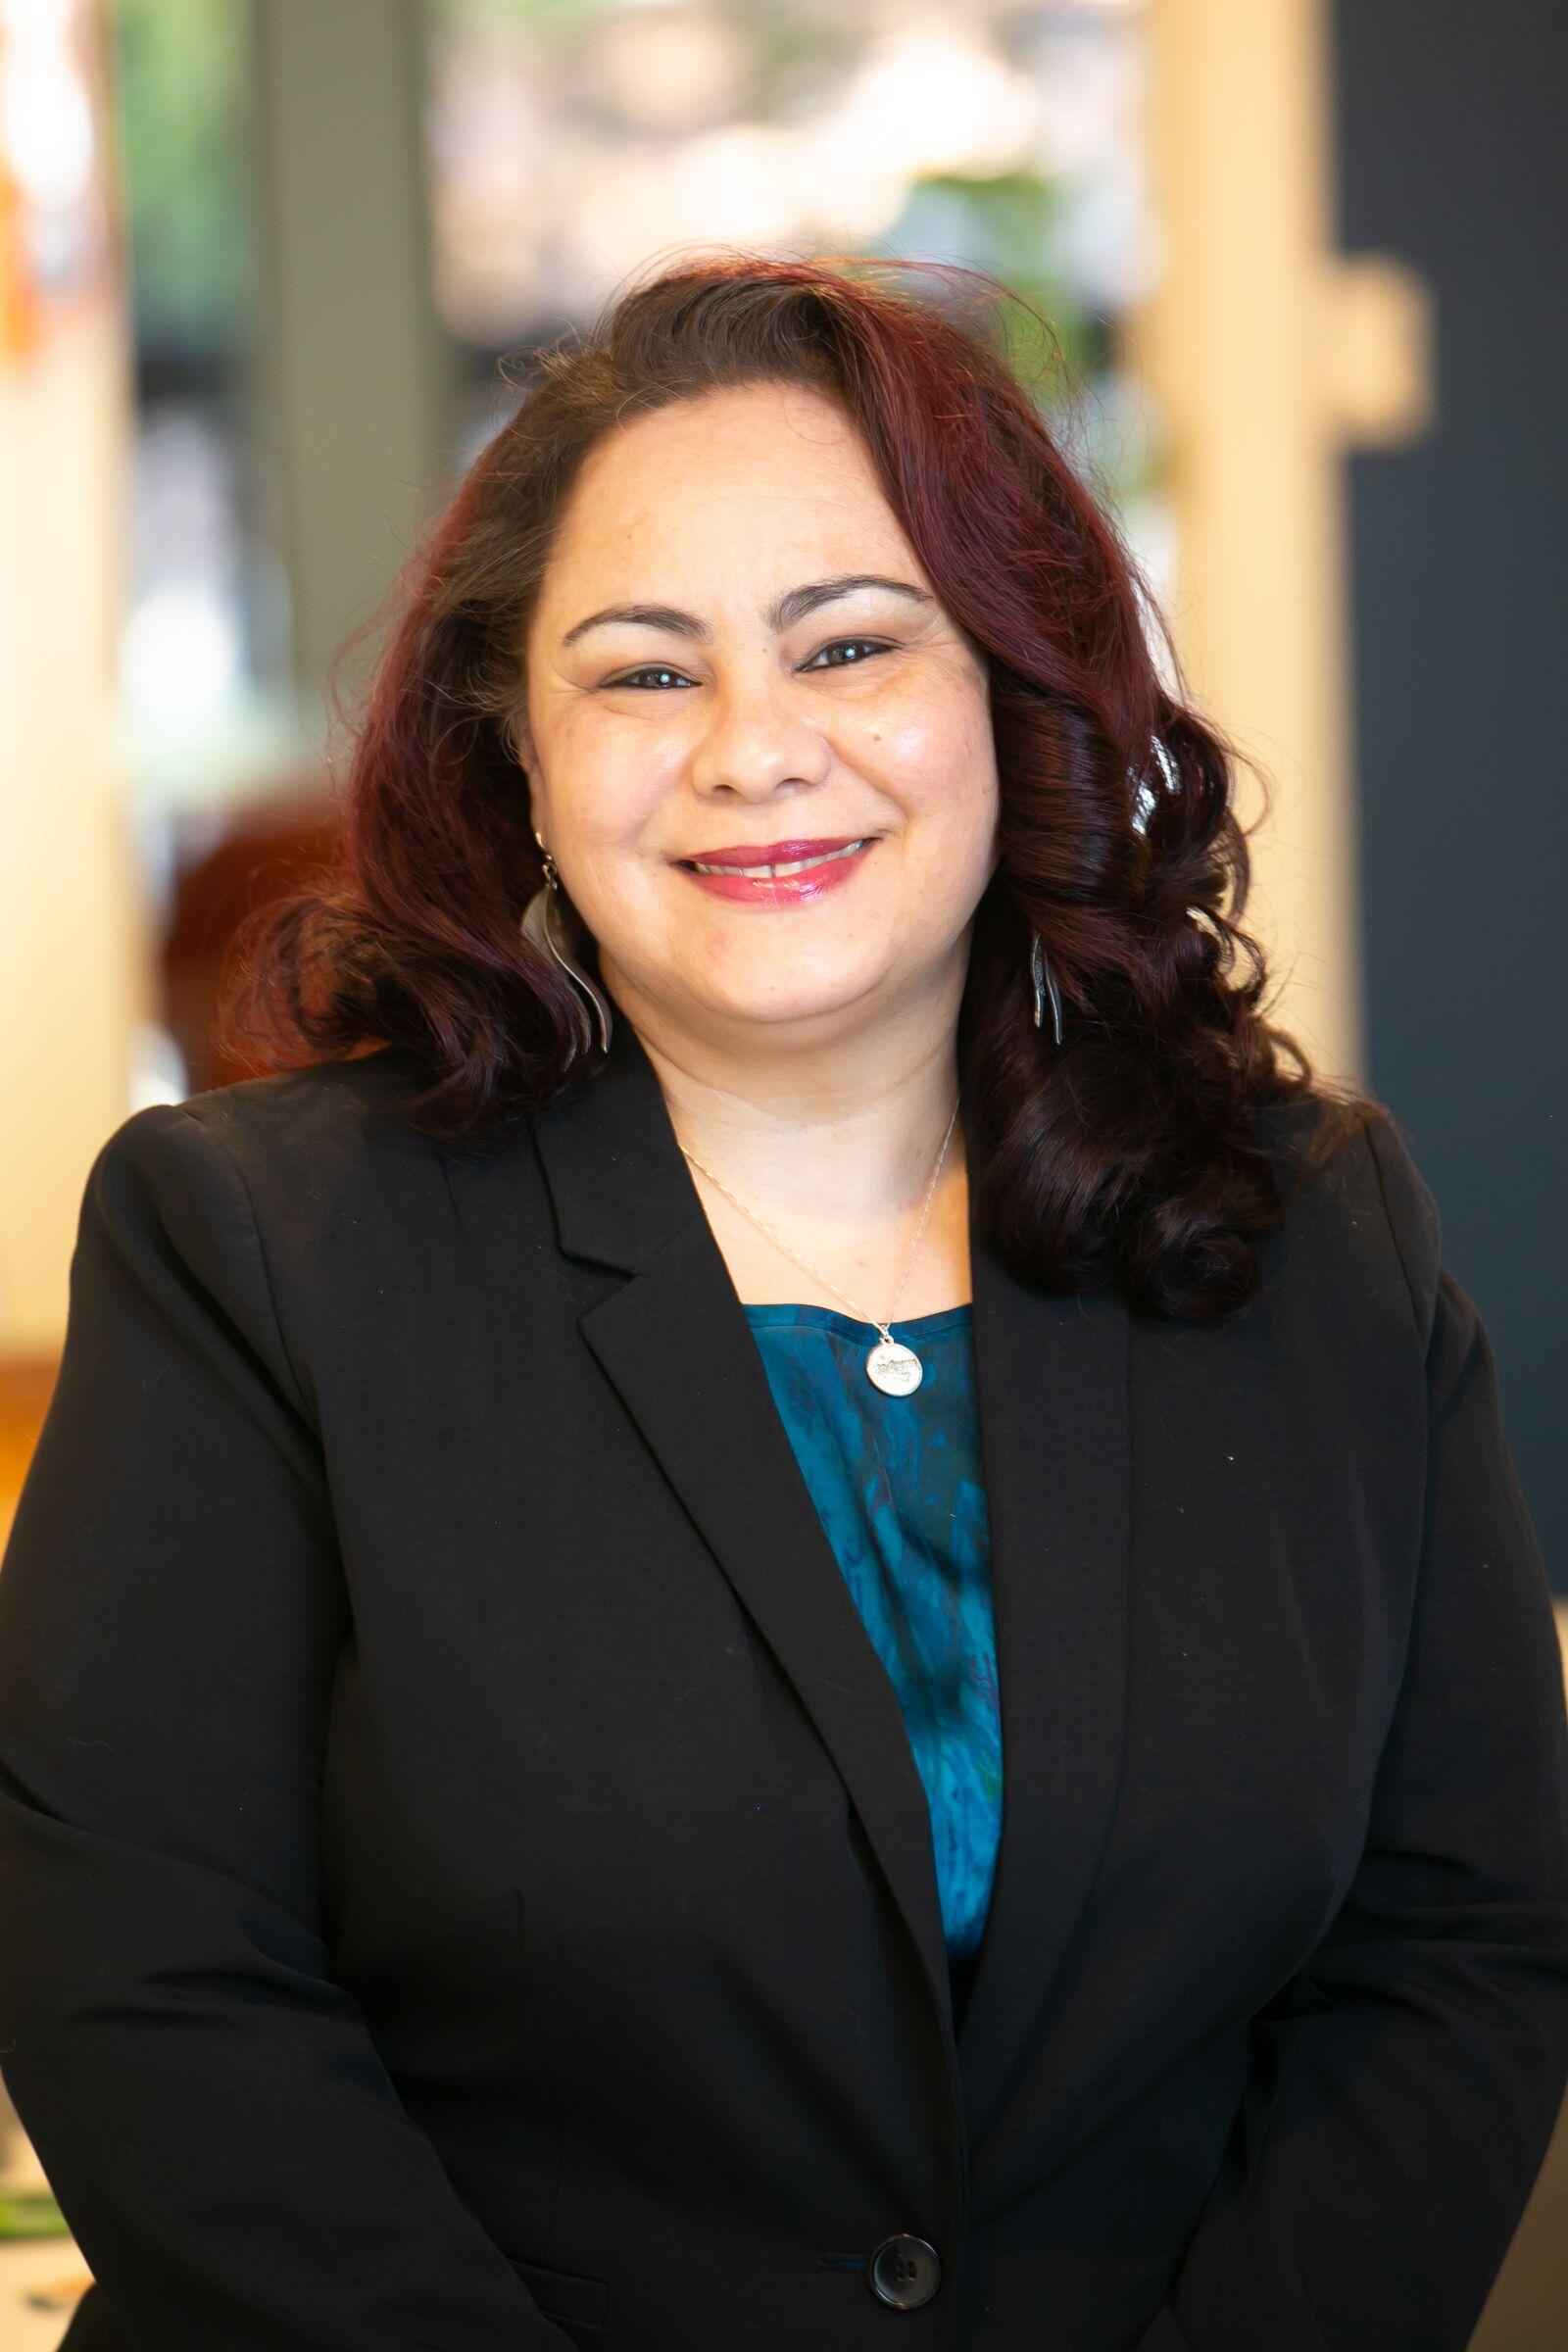 Lisa Villagrana